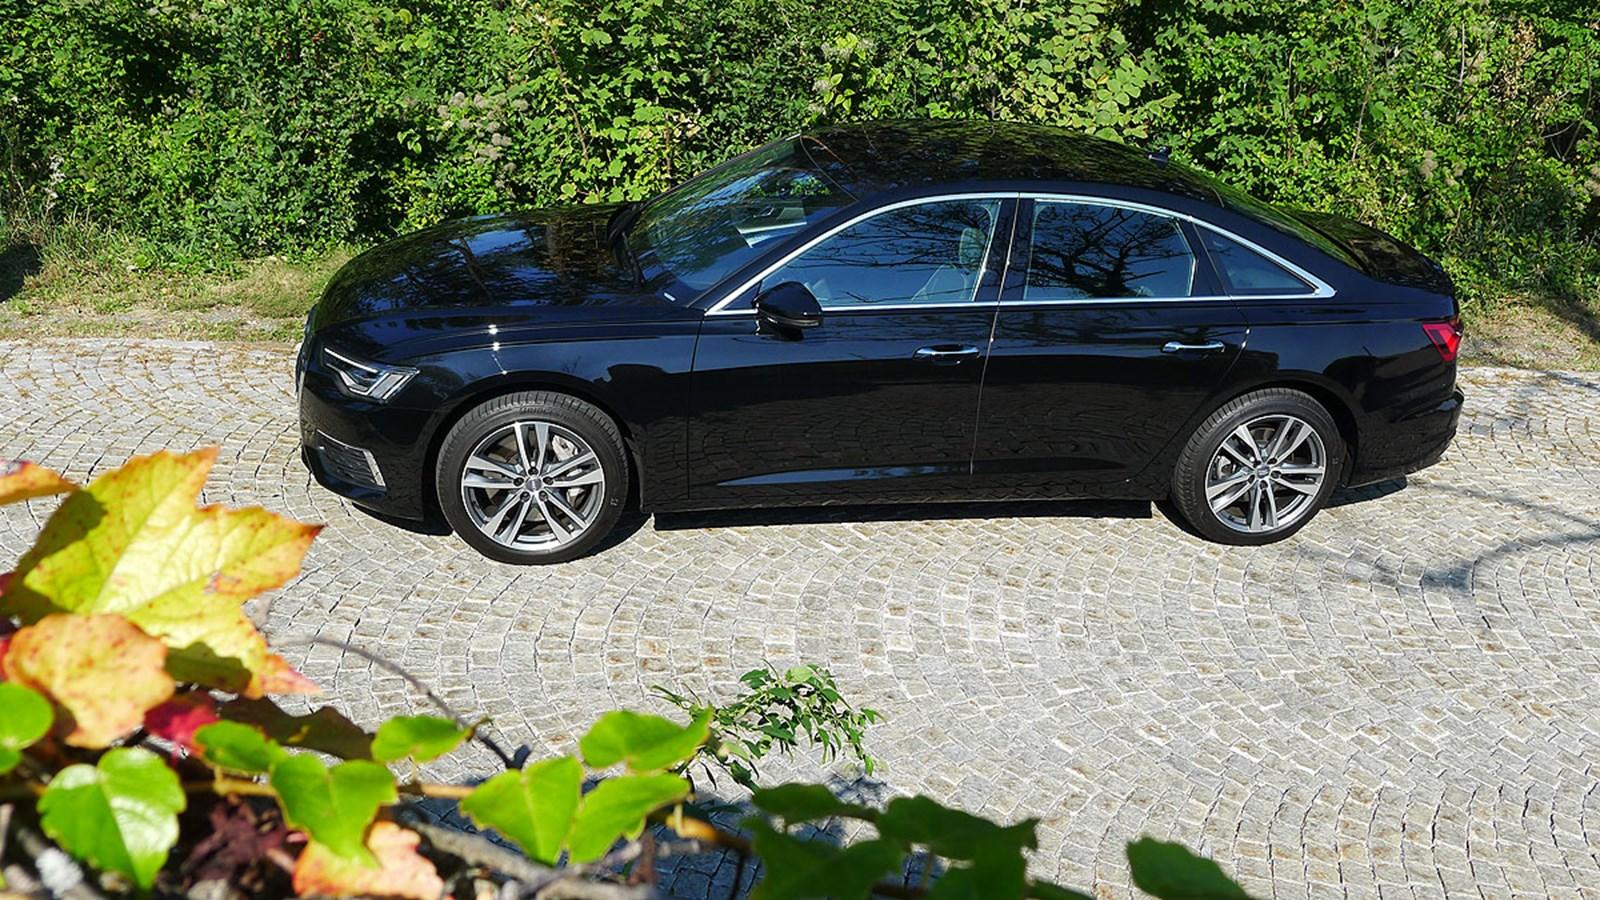 Flipboard: Audi A6: Dieses Fahrwerk ist ein Kerl – ein Schman-Kerl